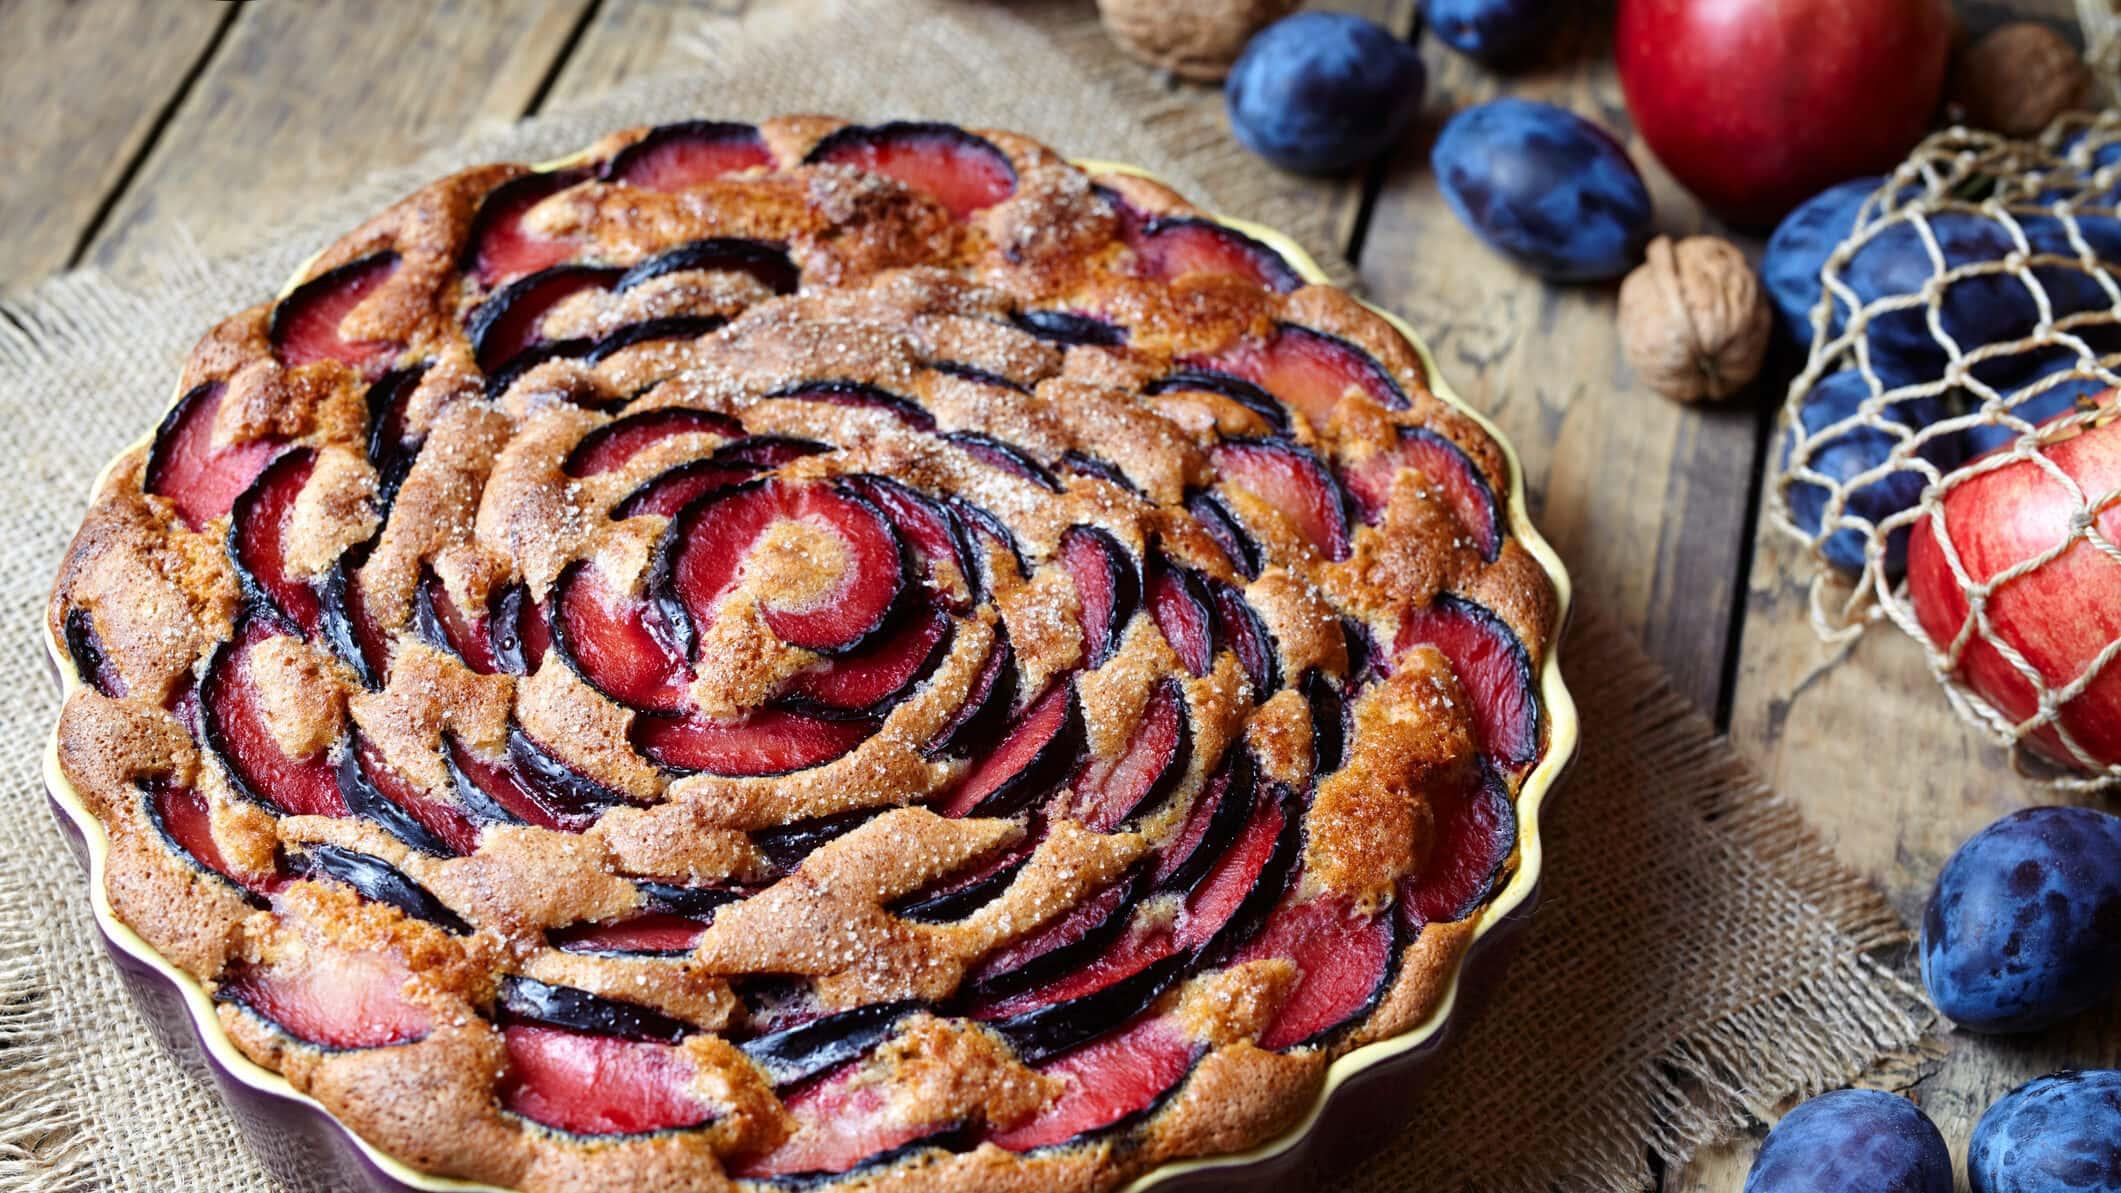 Eine Kuchenform mit Pflaumenkuchen mit Joghurt, daneben liegen Zwetschgen, Äpfel und Nüsse.